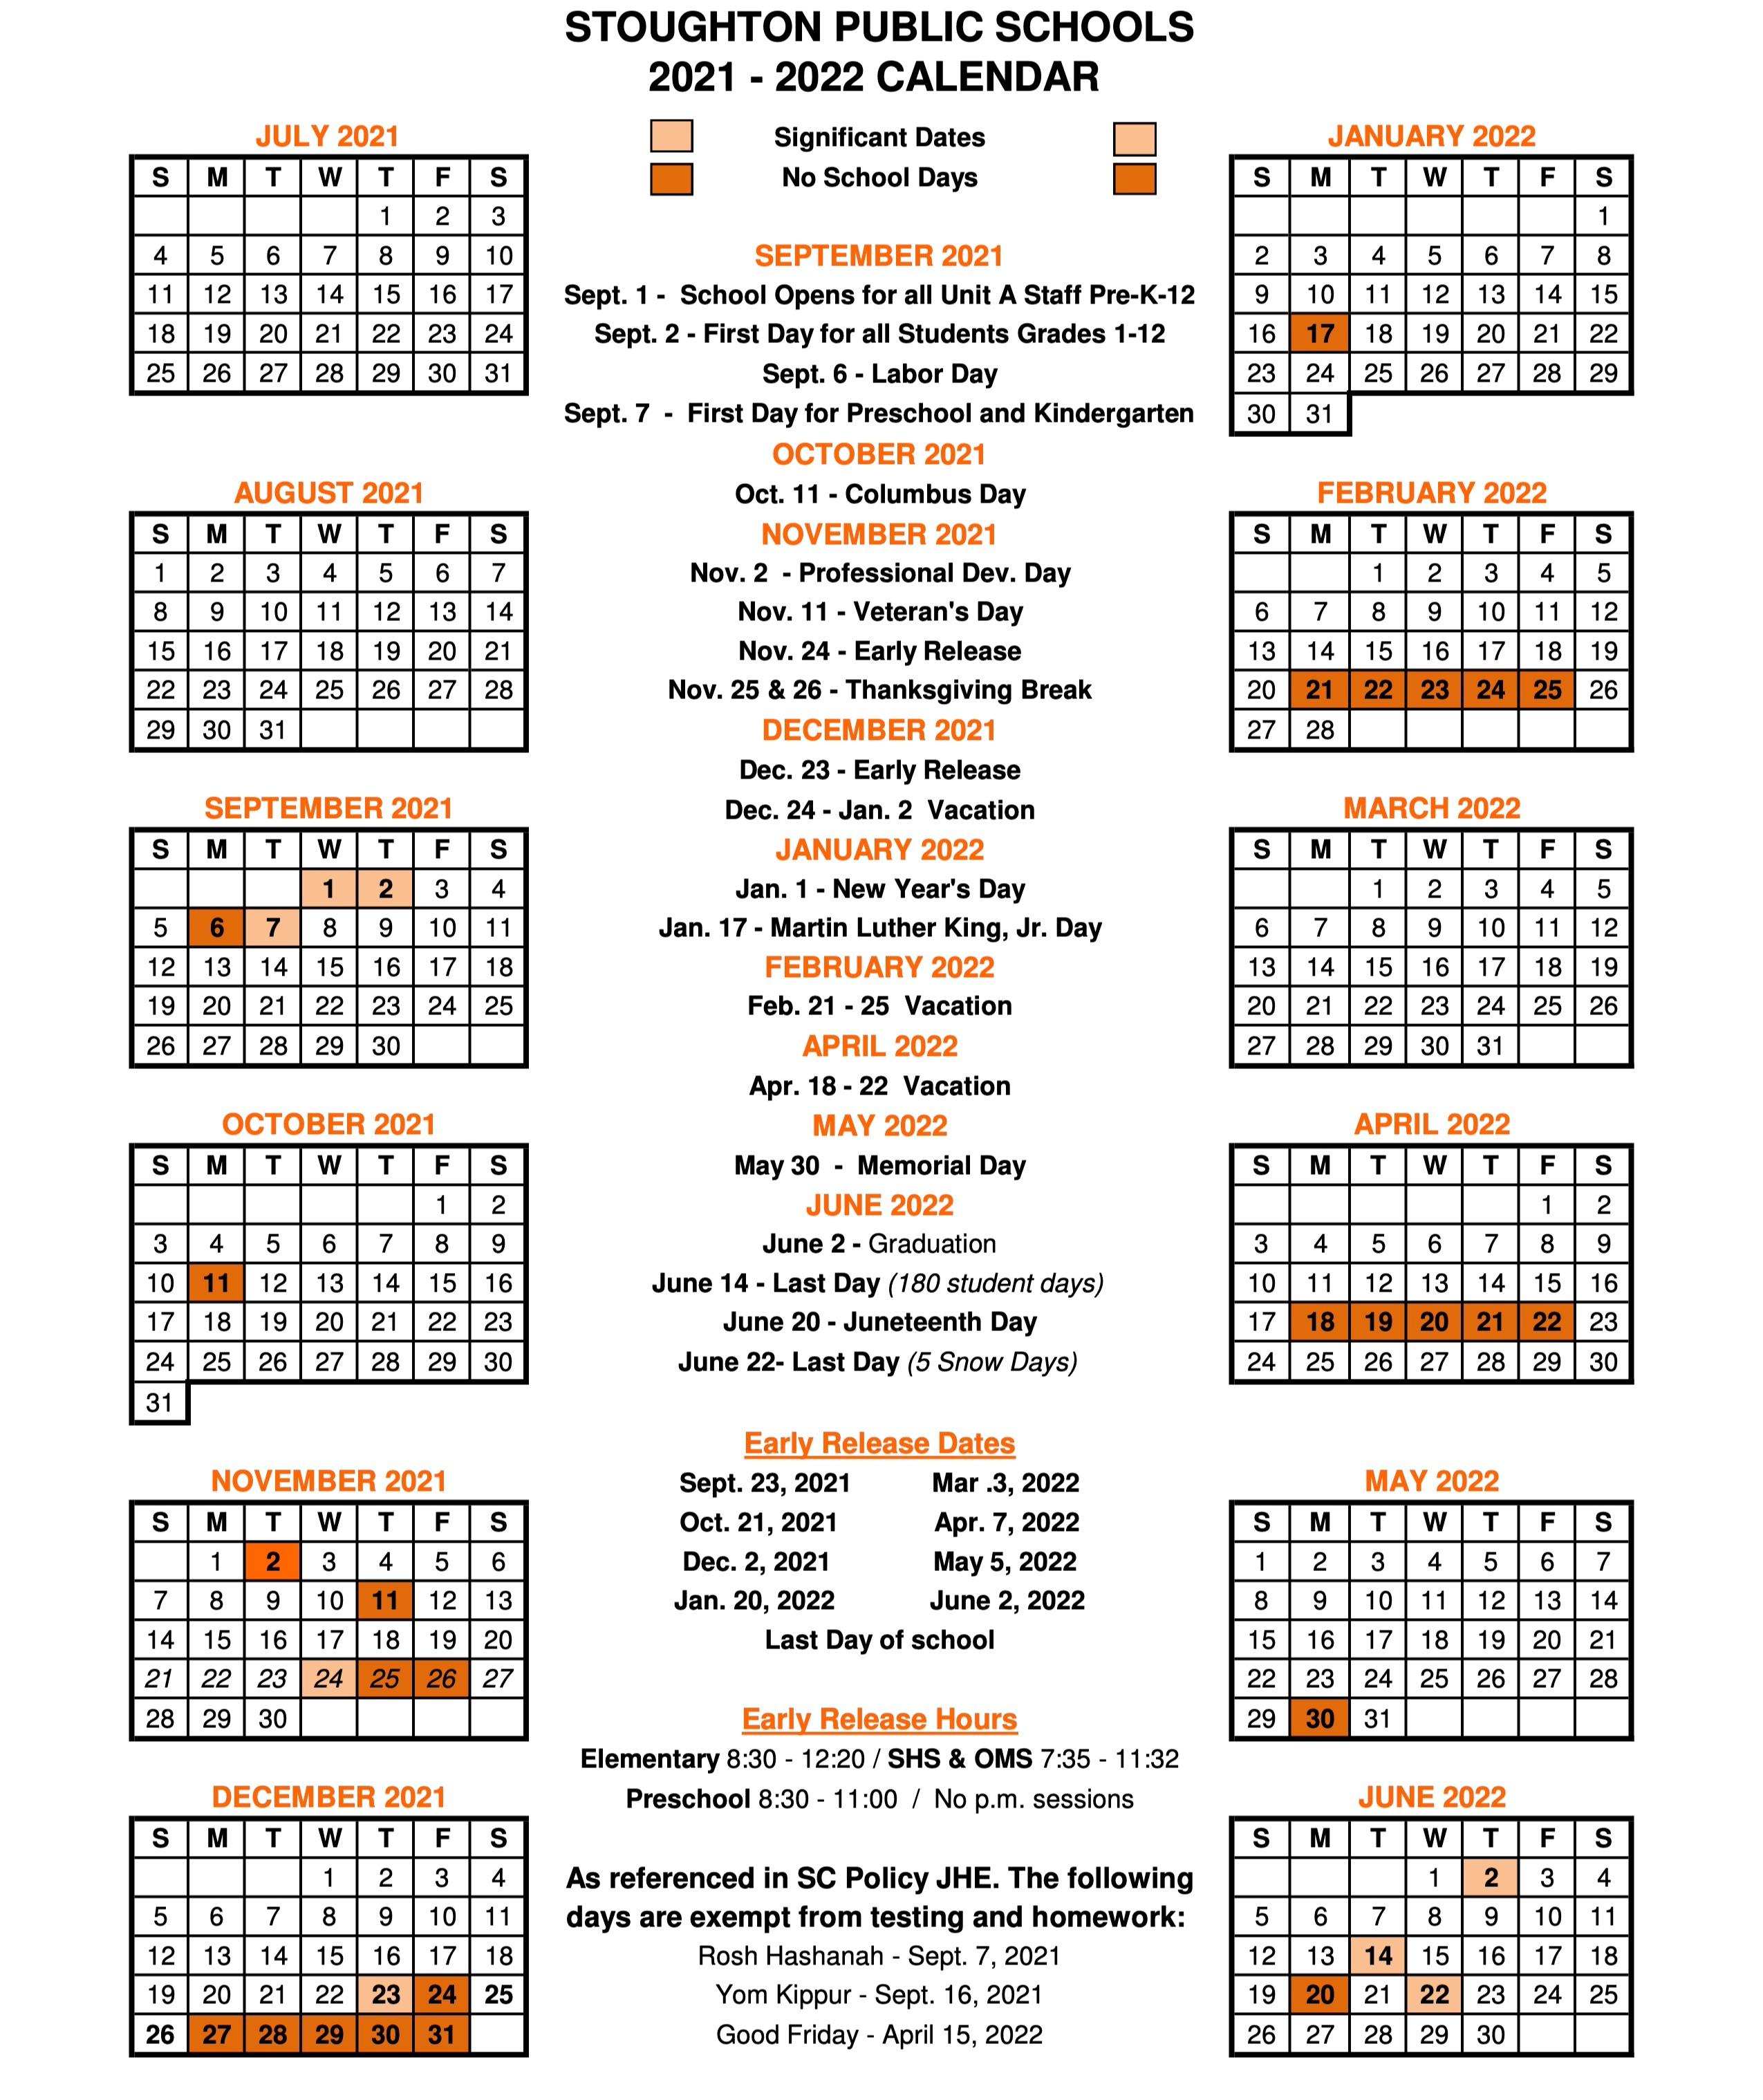 SPS 2021-2022 Calendar